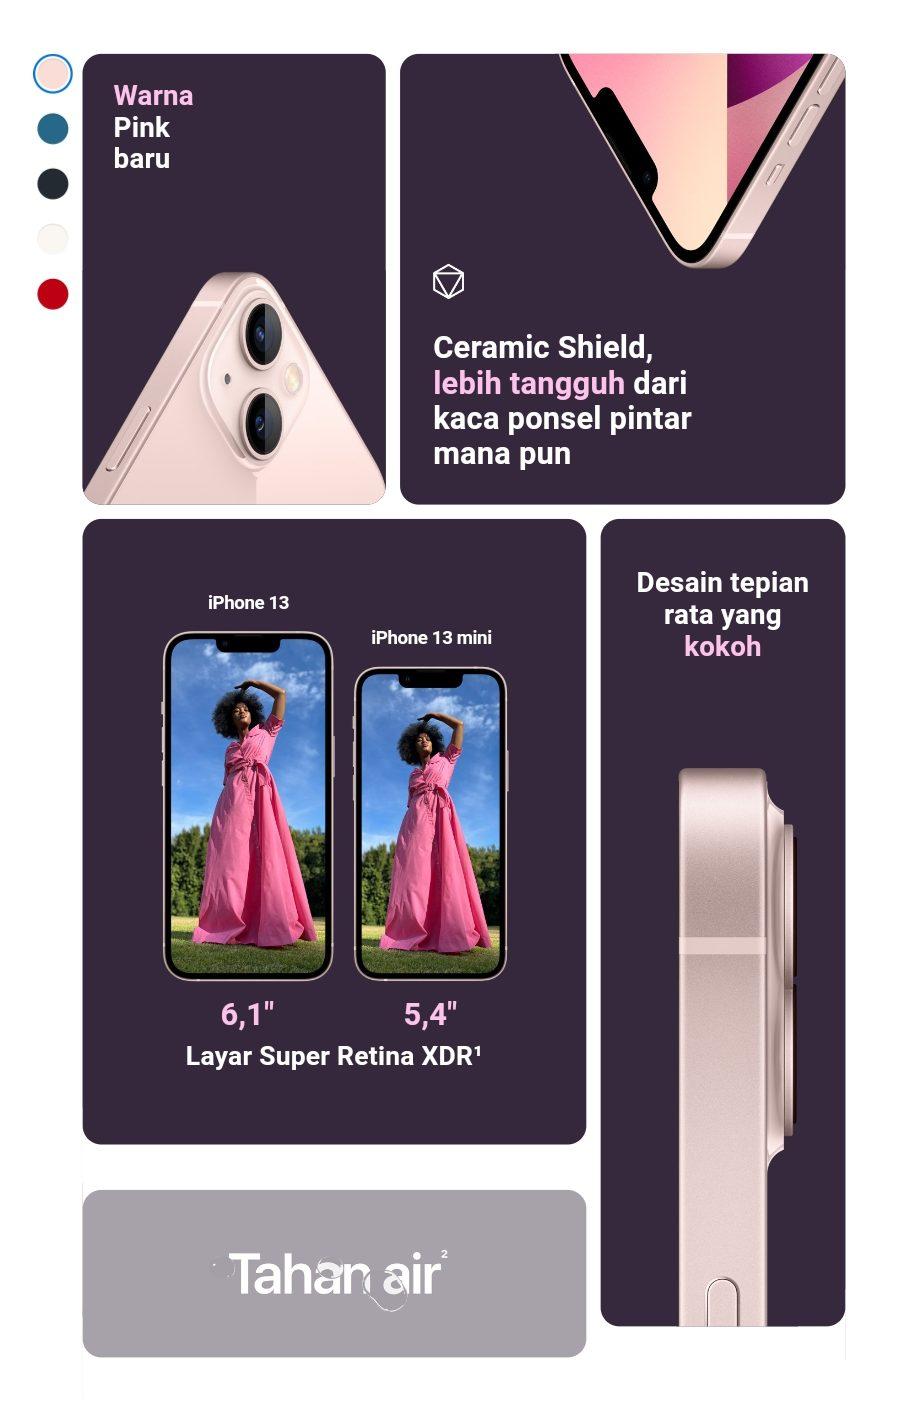 Tangkap layar iPhone 13 official website Apple / Lingkar.co